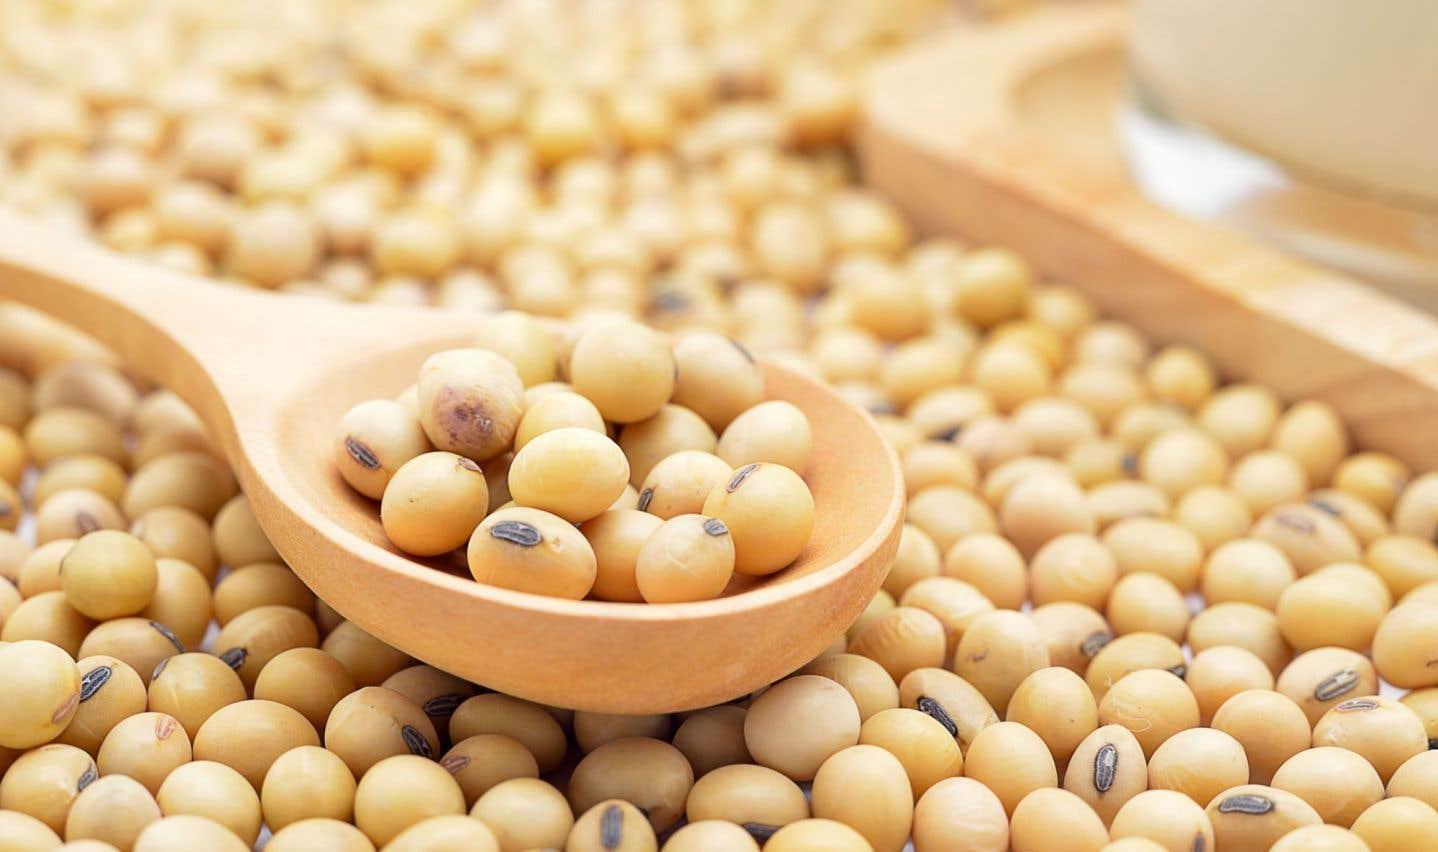 Réduire l'allergénicité des légumineuses